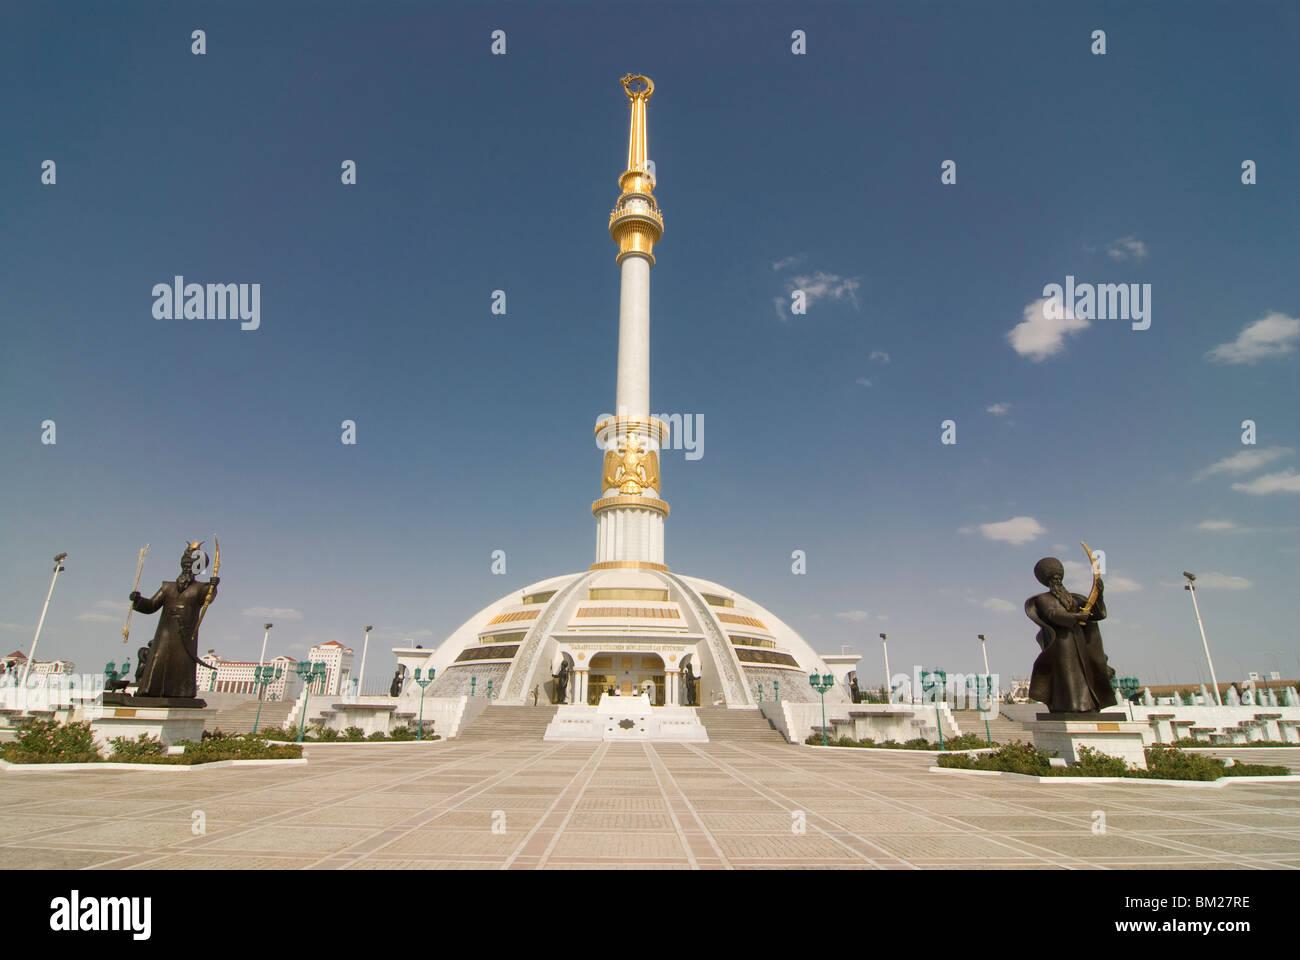 Monument der Unabhängigkeit von Turkmenistan, Aschgabat, Turkmenistan, Zentral-Asien, Asien Stockbild